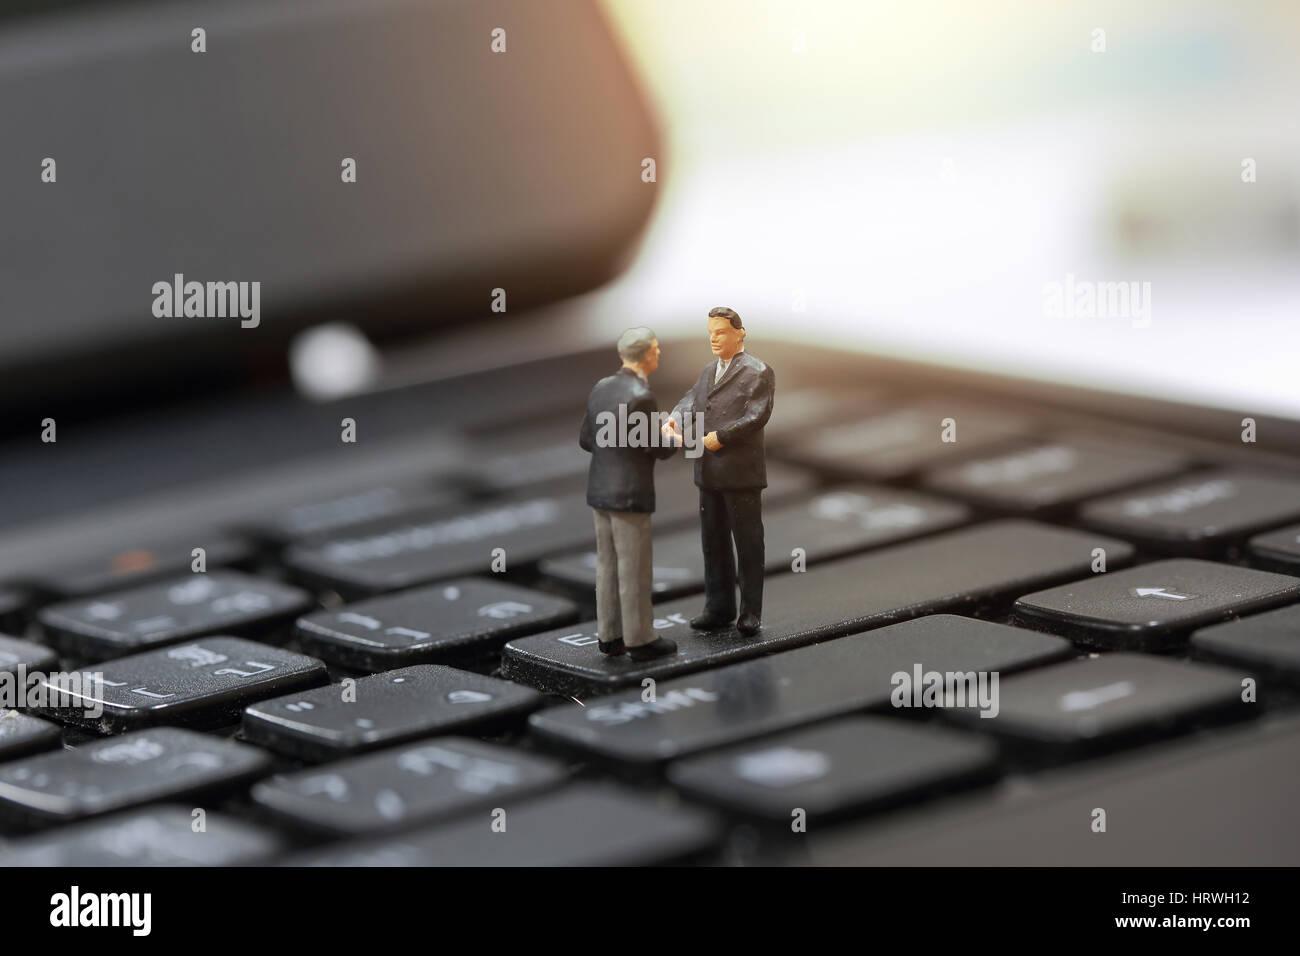 El enfoque selectivo de apretón de manos del empresario en miniatura sobre la inversión empresarial en el fondo Foto de stock